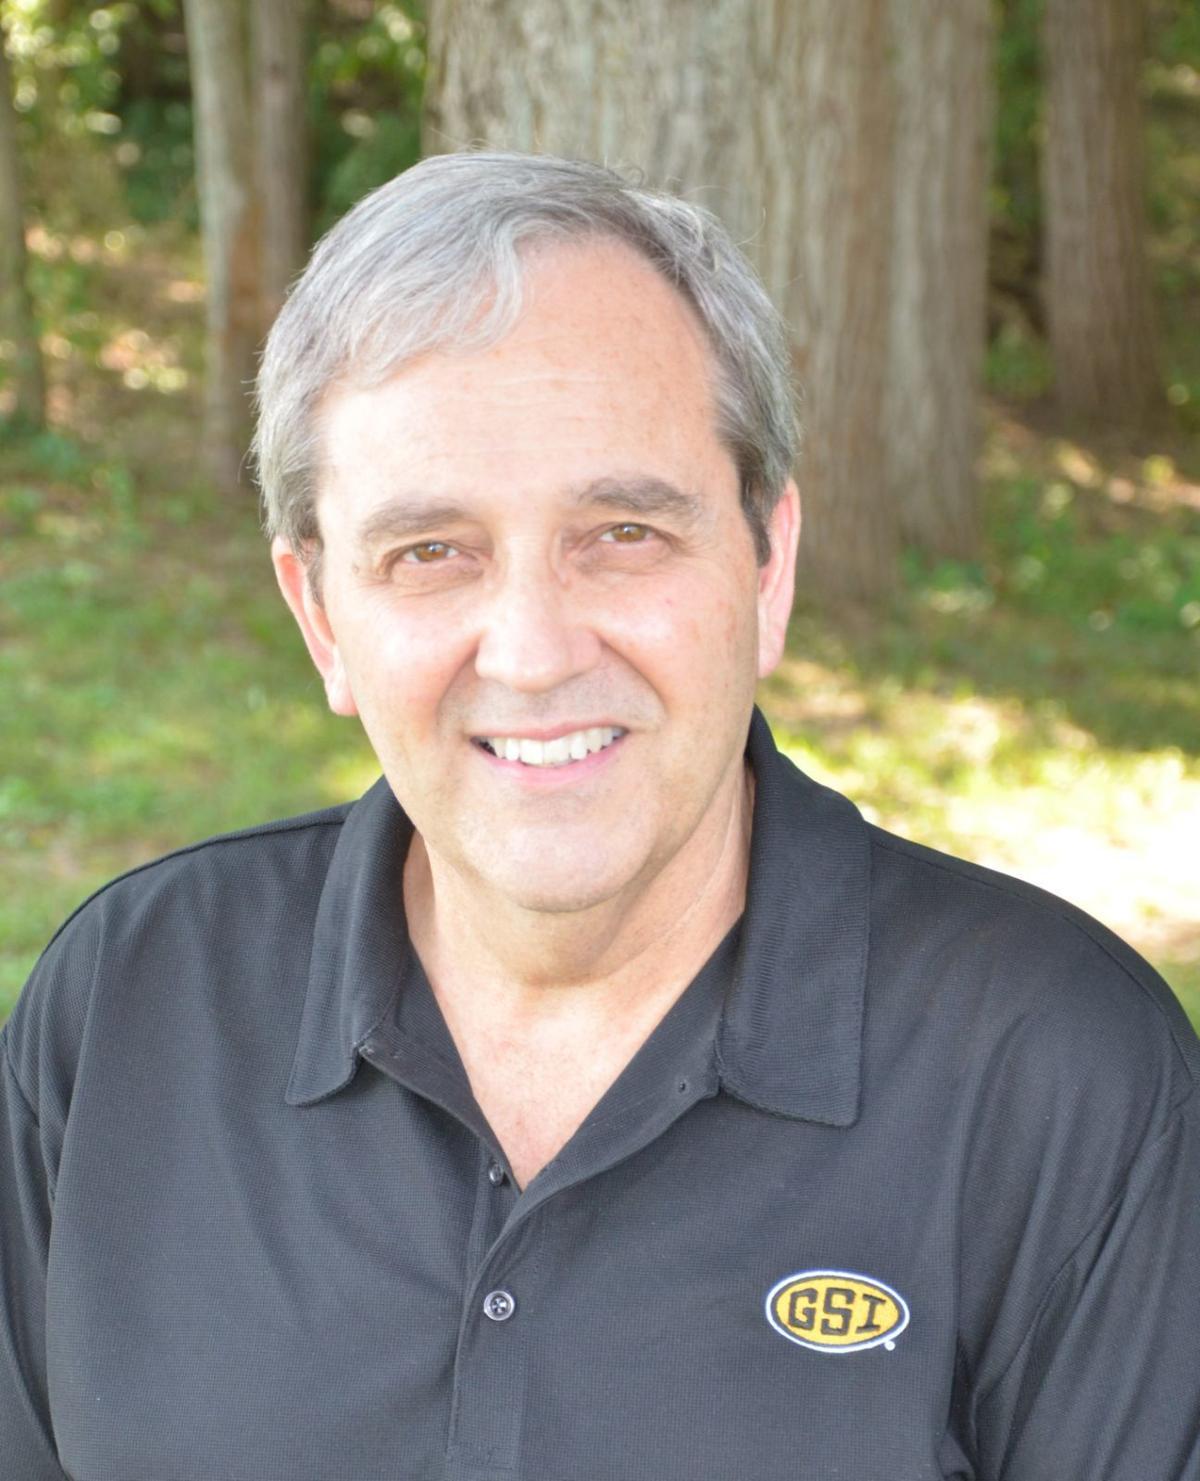 Gary Woodruff